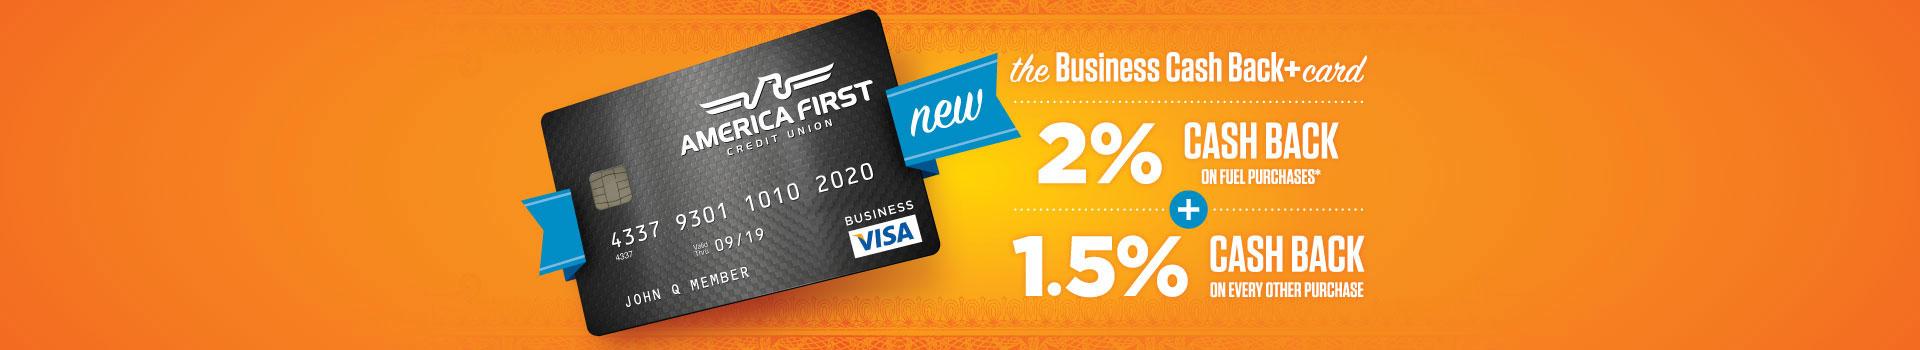 Utah business visa credit card visa intellilink america first business visa credit card reheart Image collections